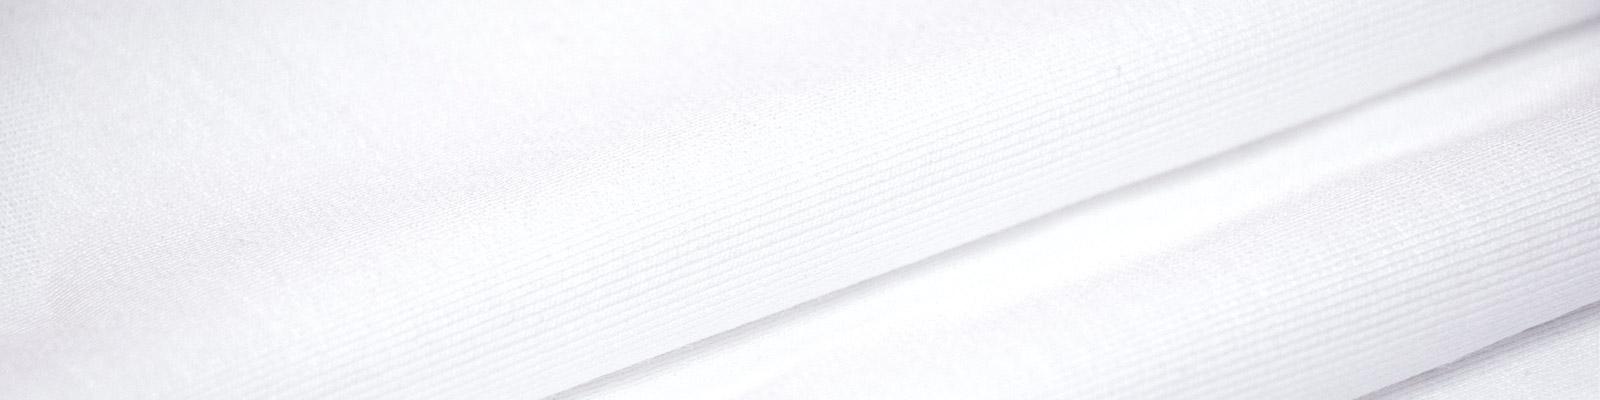 着ていることを忘れる軽さと抜群の伸縮性は新感覚。上質な麻が織りなす光沢感は別格の存在感を醸し出します。世界中でも数台しか存在しない、最先端編み機「Balancir Cular」を採用。ニットの着心地の良さと織物の生地の強さ、2つの良い部分をブレンドした最先端素材です。皺にもなりにくいクラシコだけのオリジナルファブリック